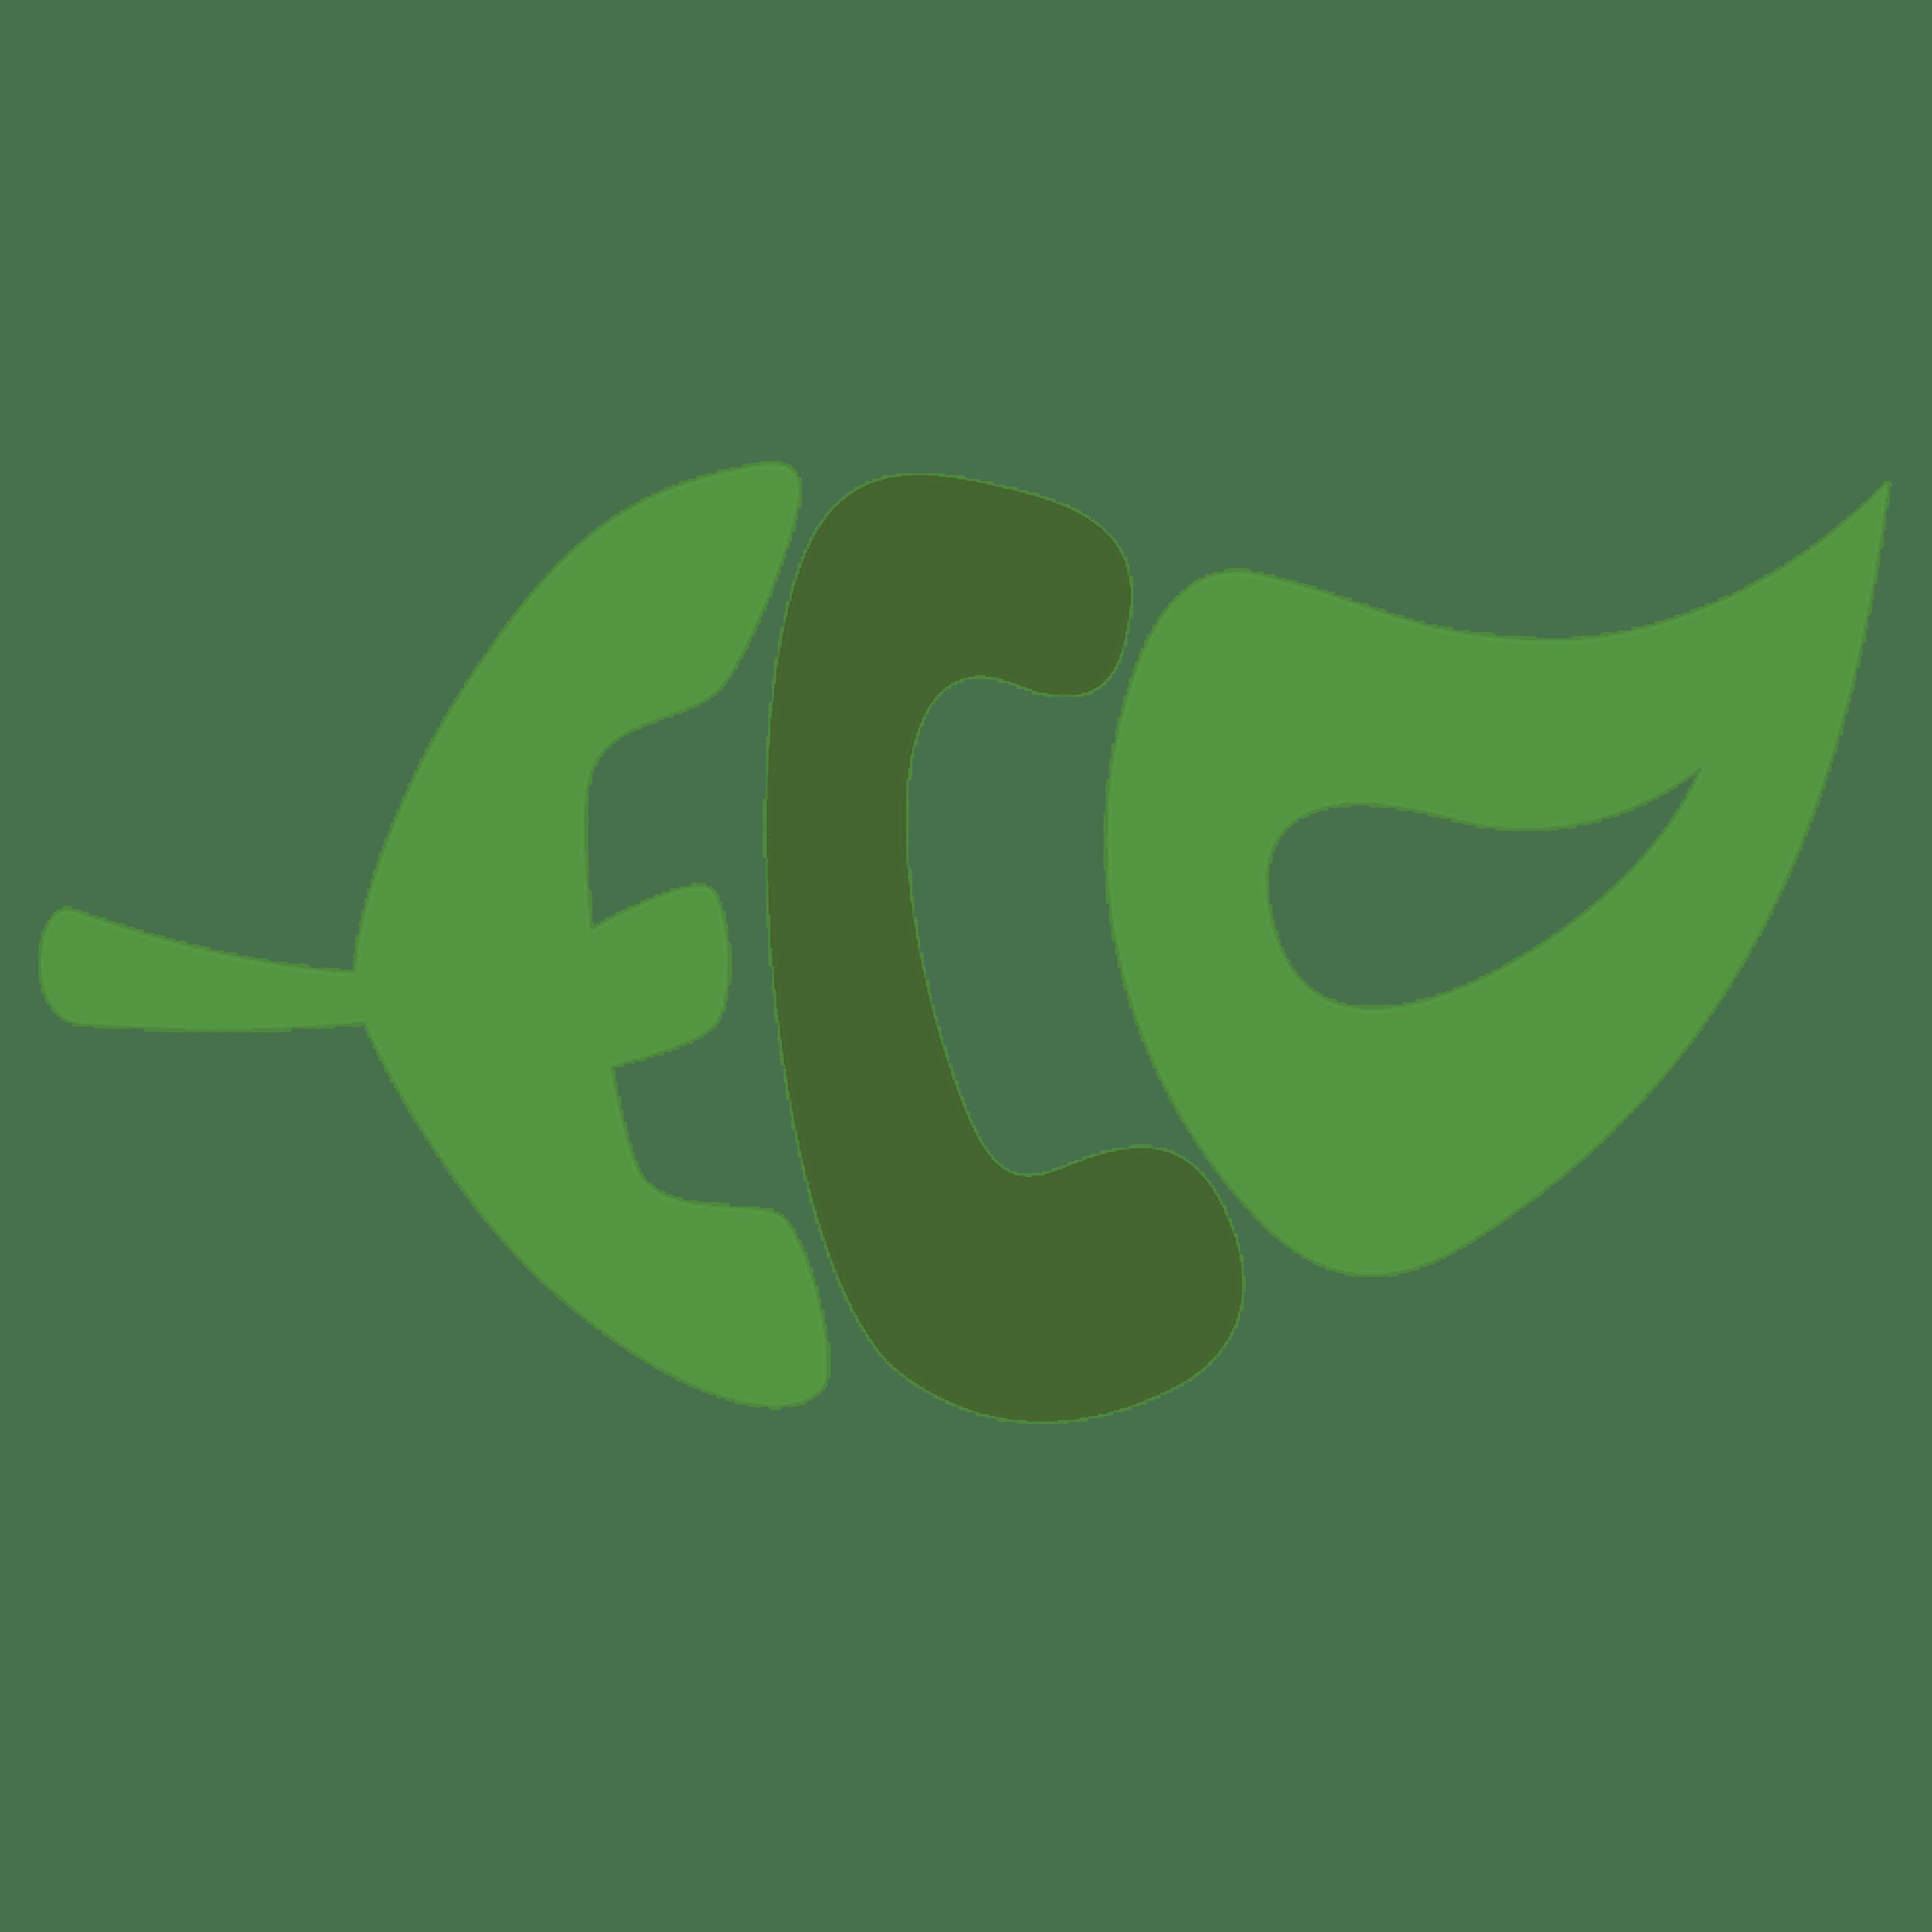 Logo engagements ecologie et environnement